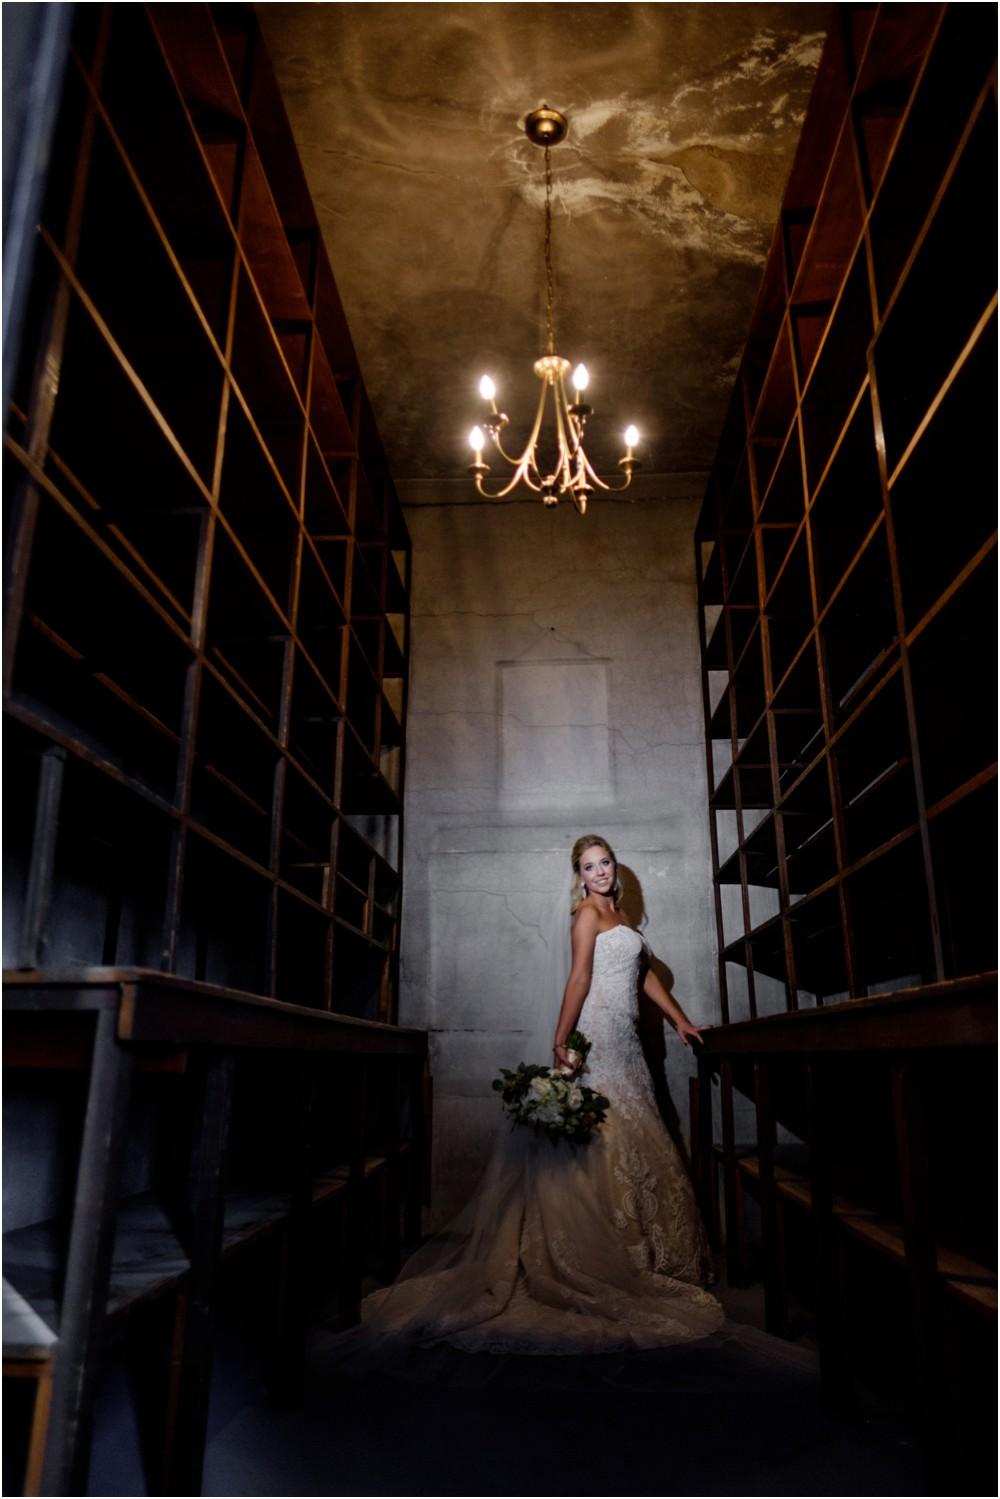 Biltwell-Wedding-Pictures_0012.jpg